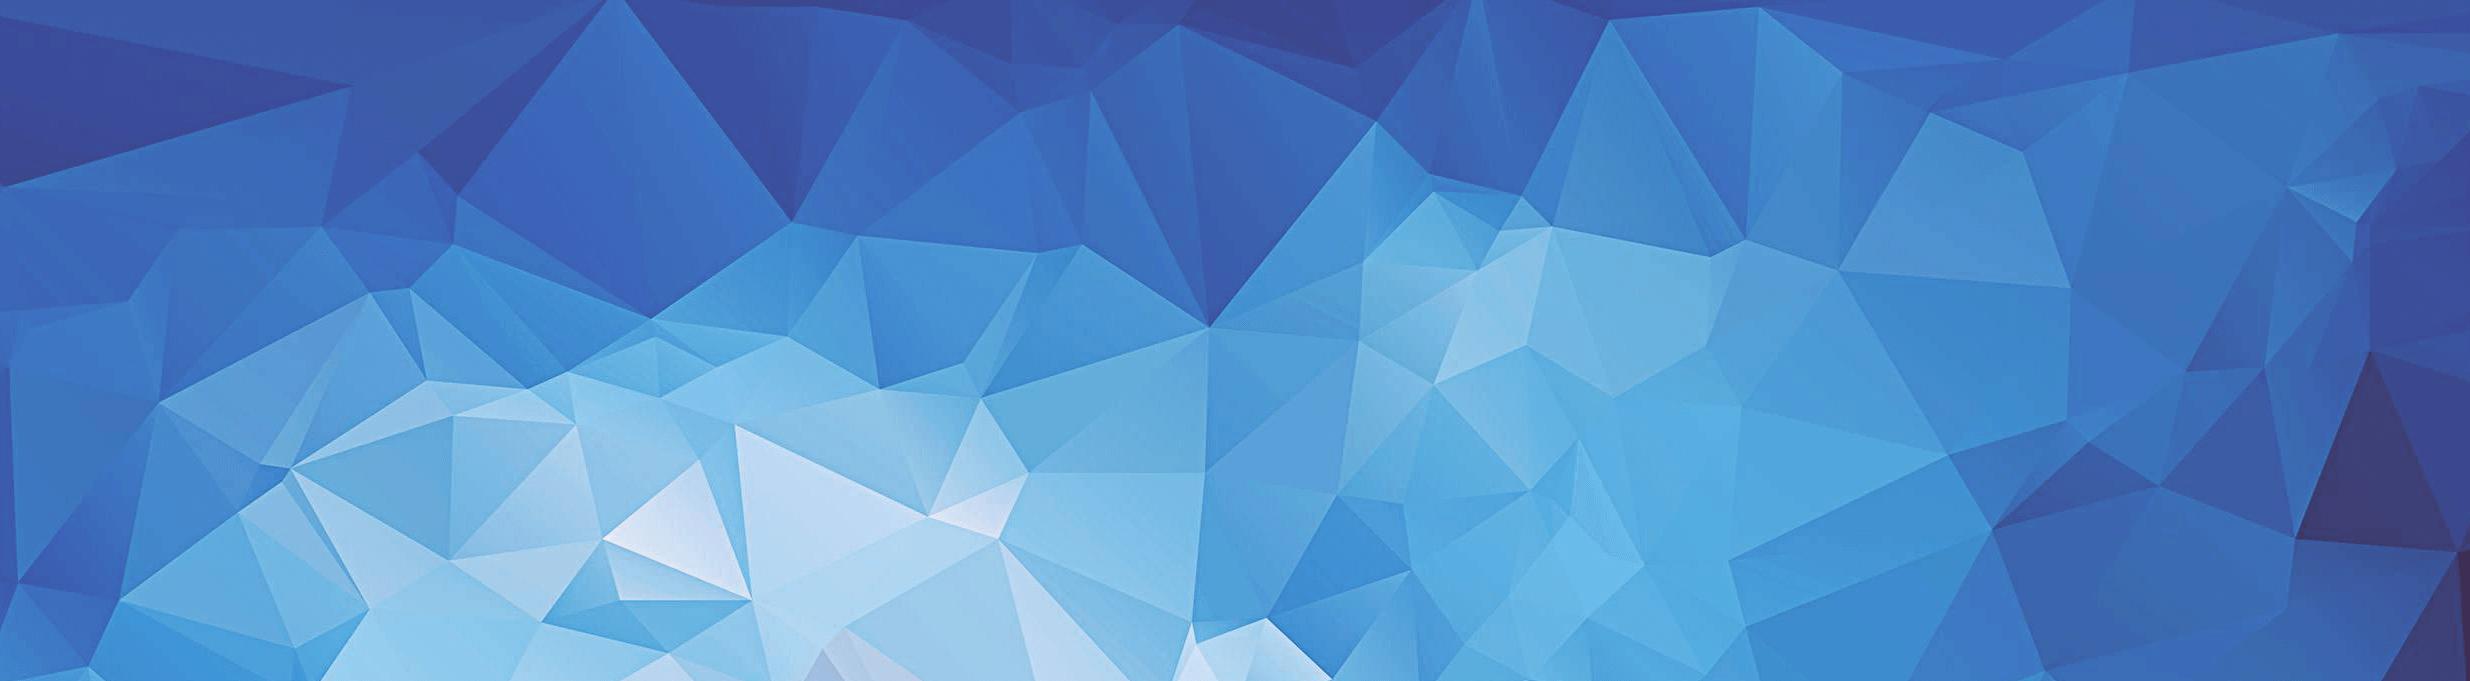 coinbase continues expansion - FTX запустила торговую платформу для американских пользователей; Coinbase Custody будет хранить токены FTT